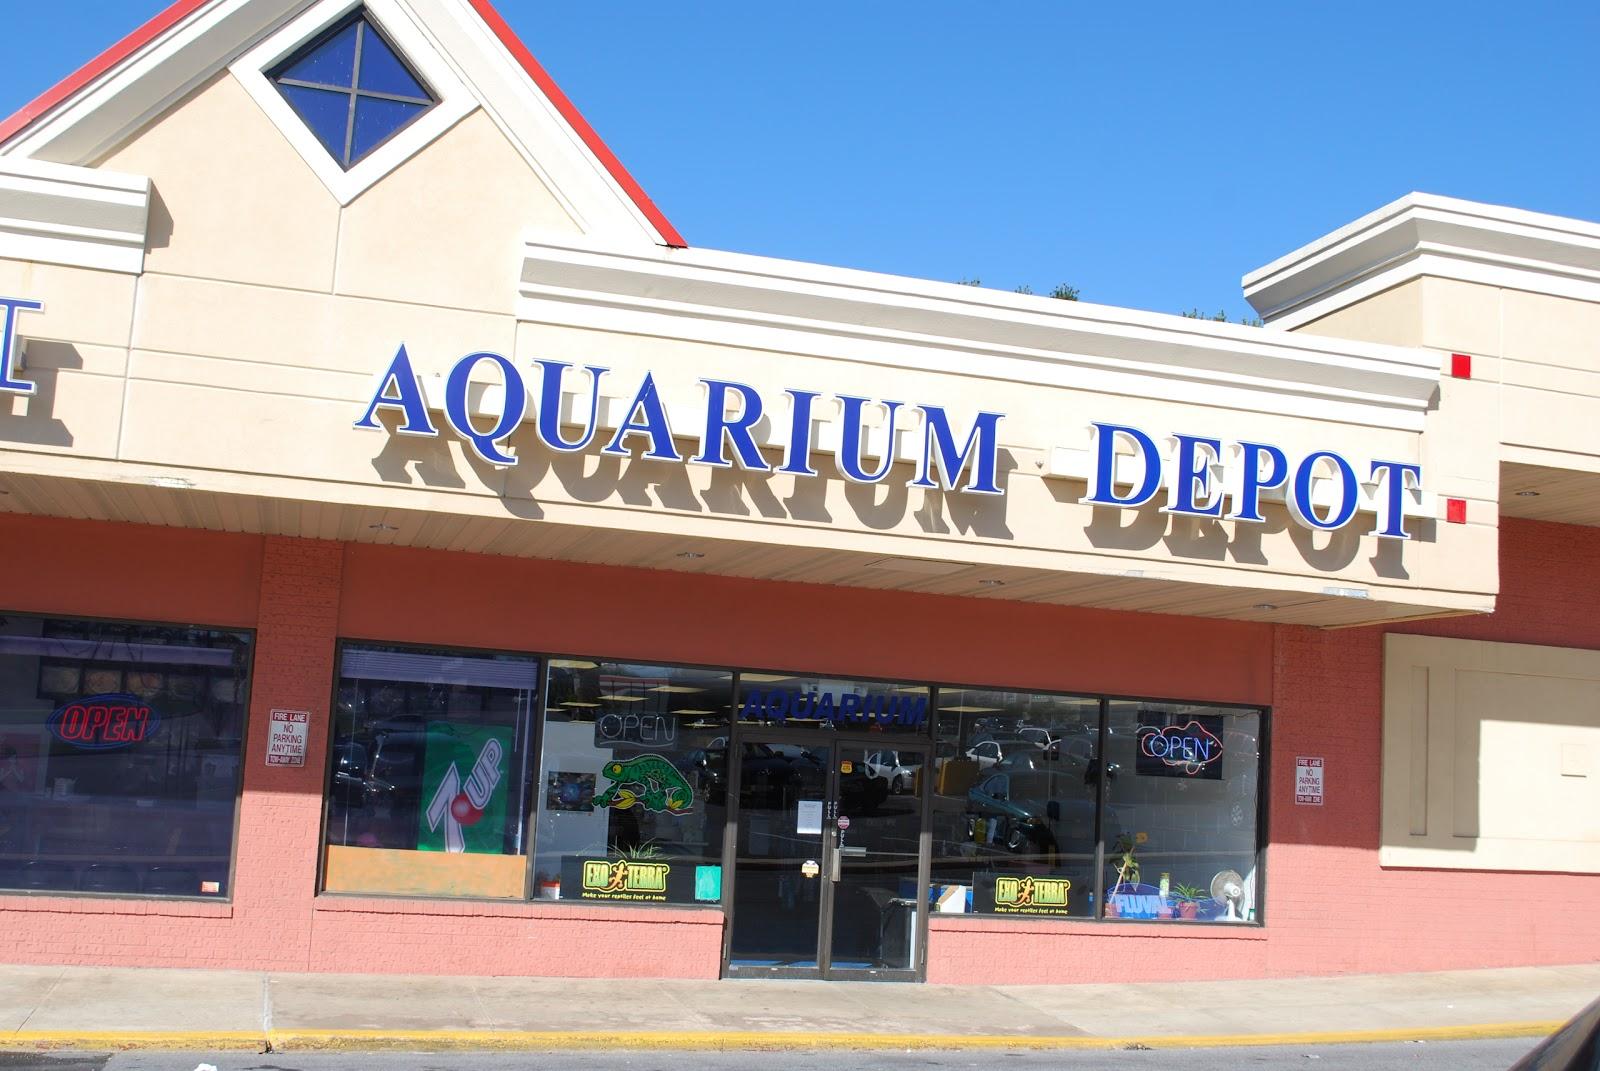 Aquarium depot aquarium depot 40 photos pet stores 8201 for Fish store houston